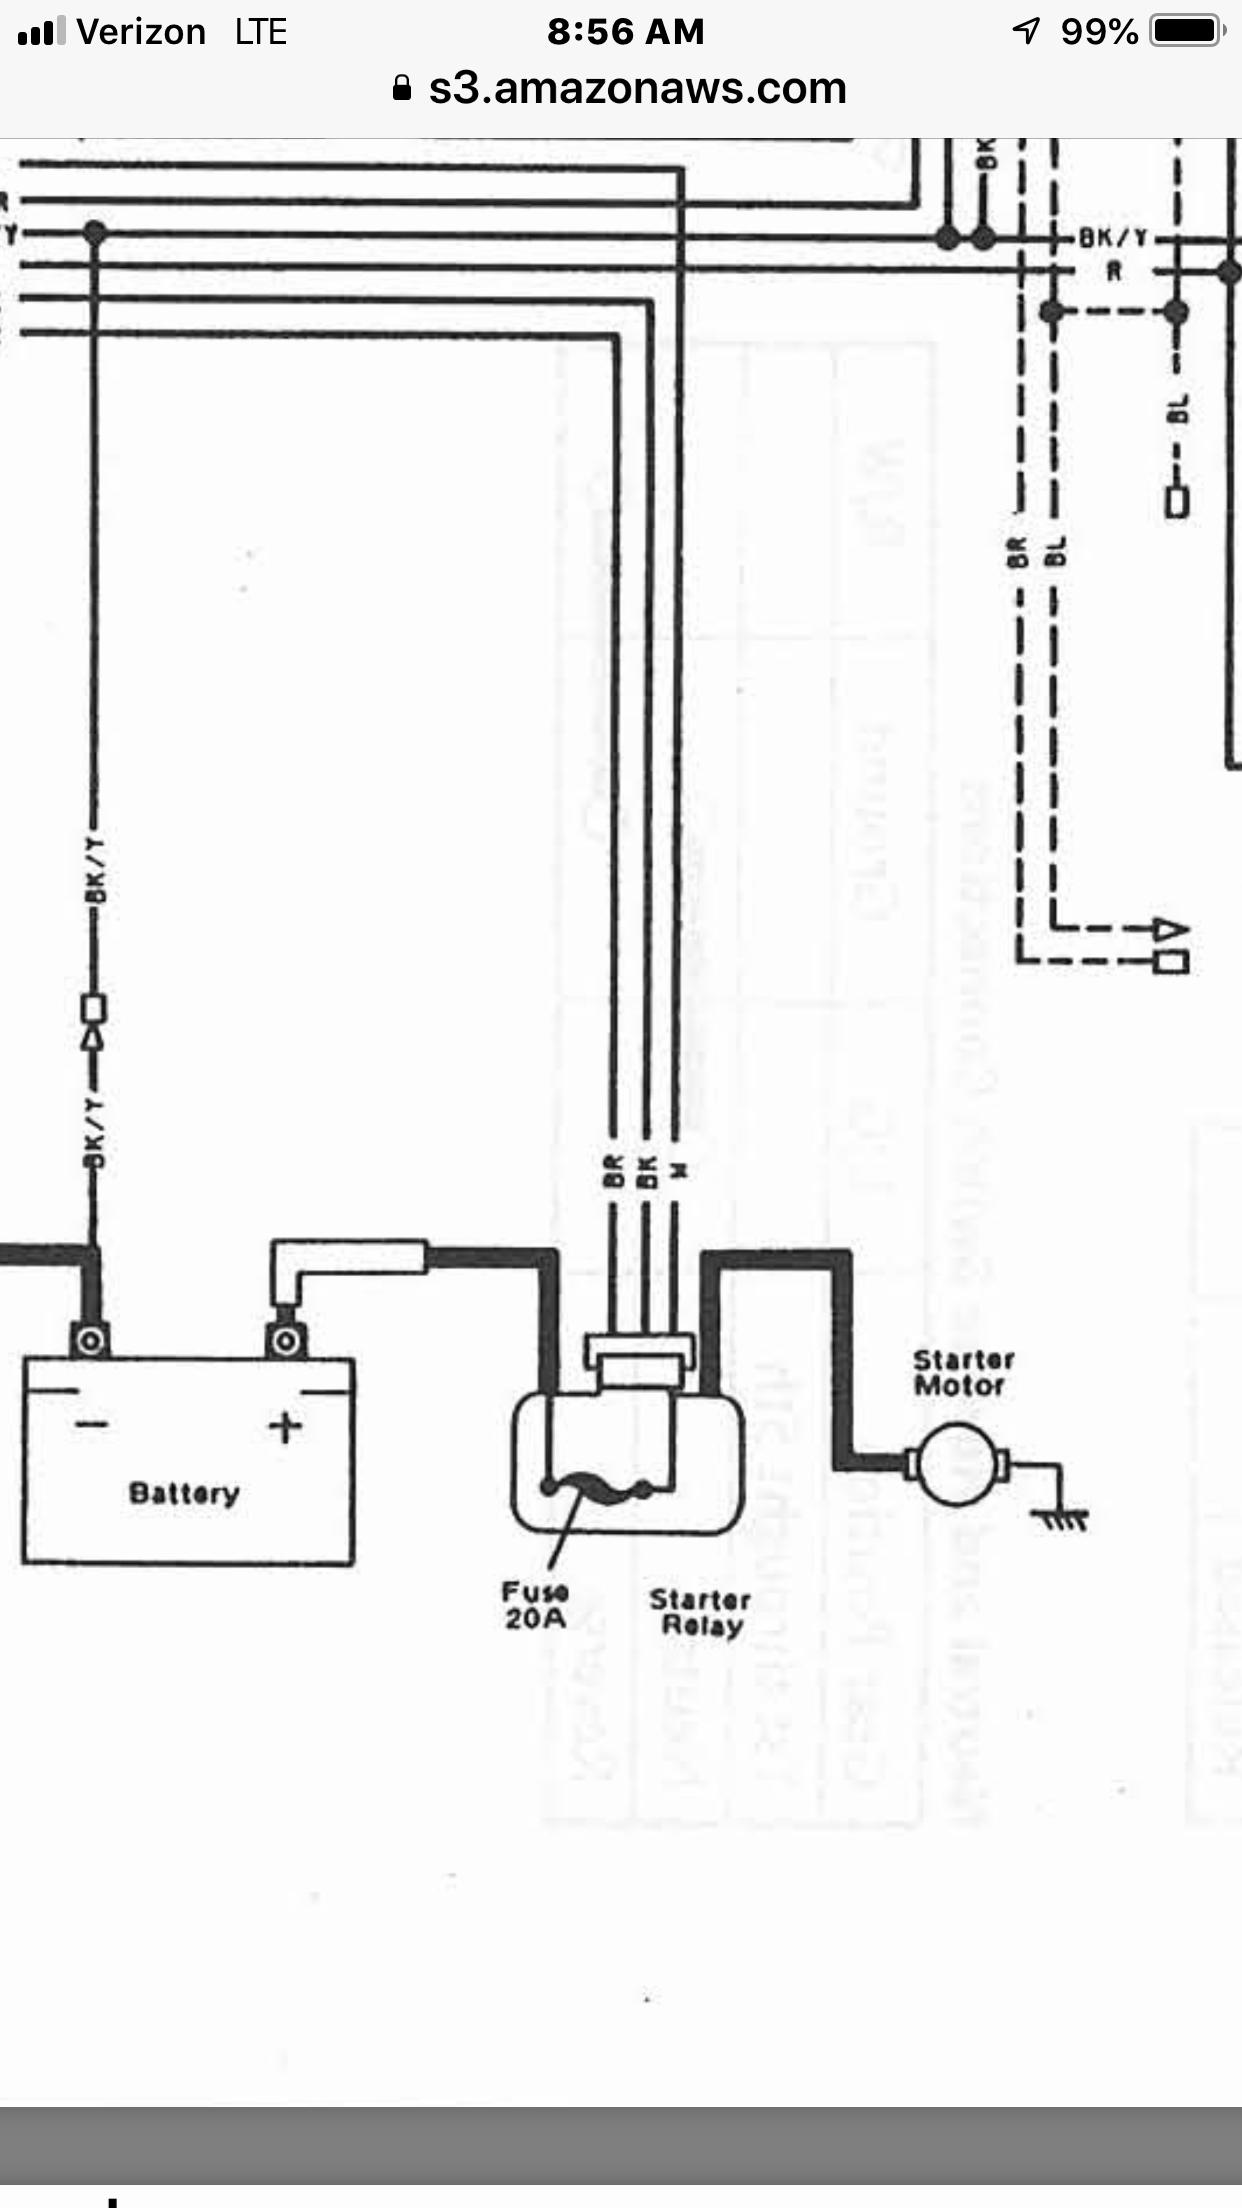 Kawasaki Bayou 220 Ignition Switch Wiring Diagram from www.quadcrazy.com